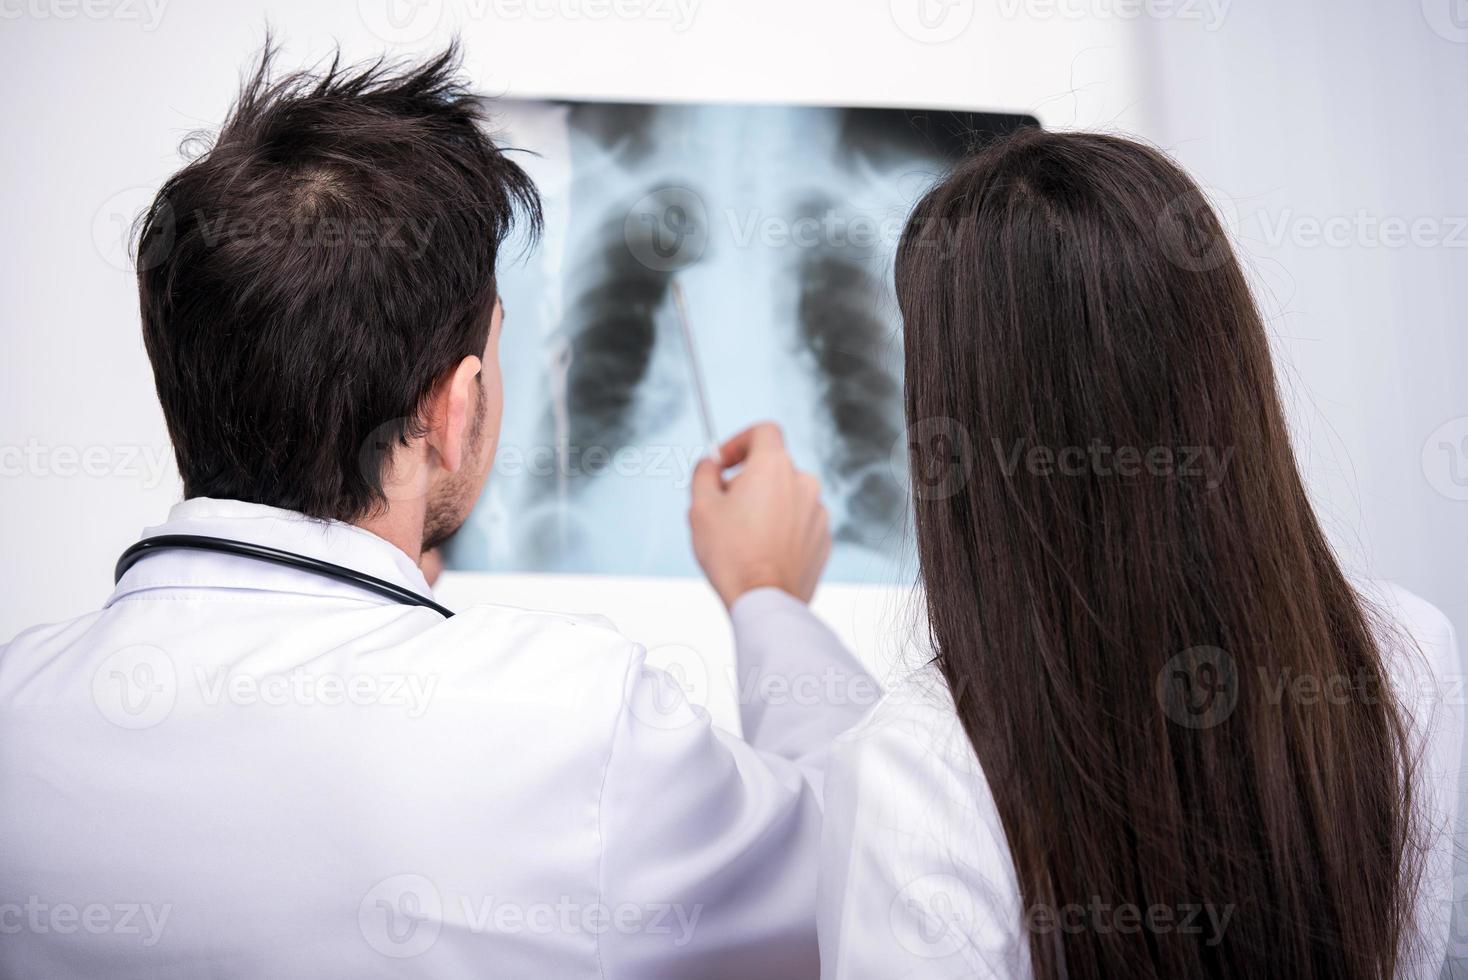 médico foto